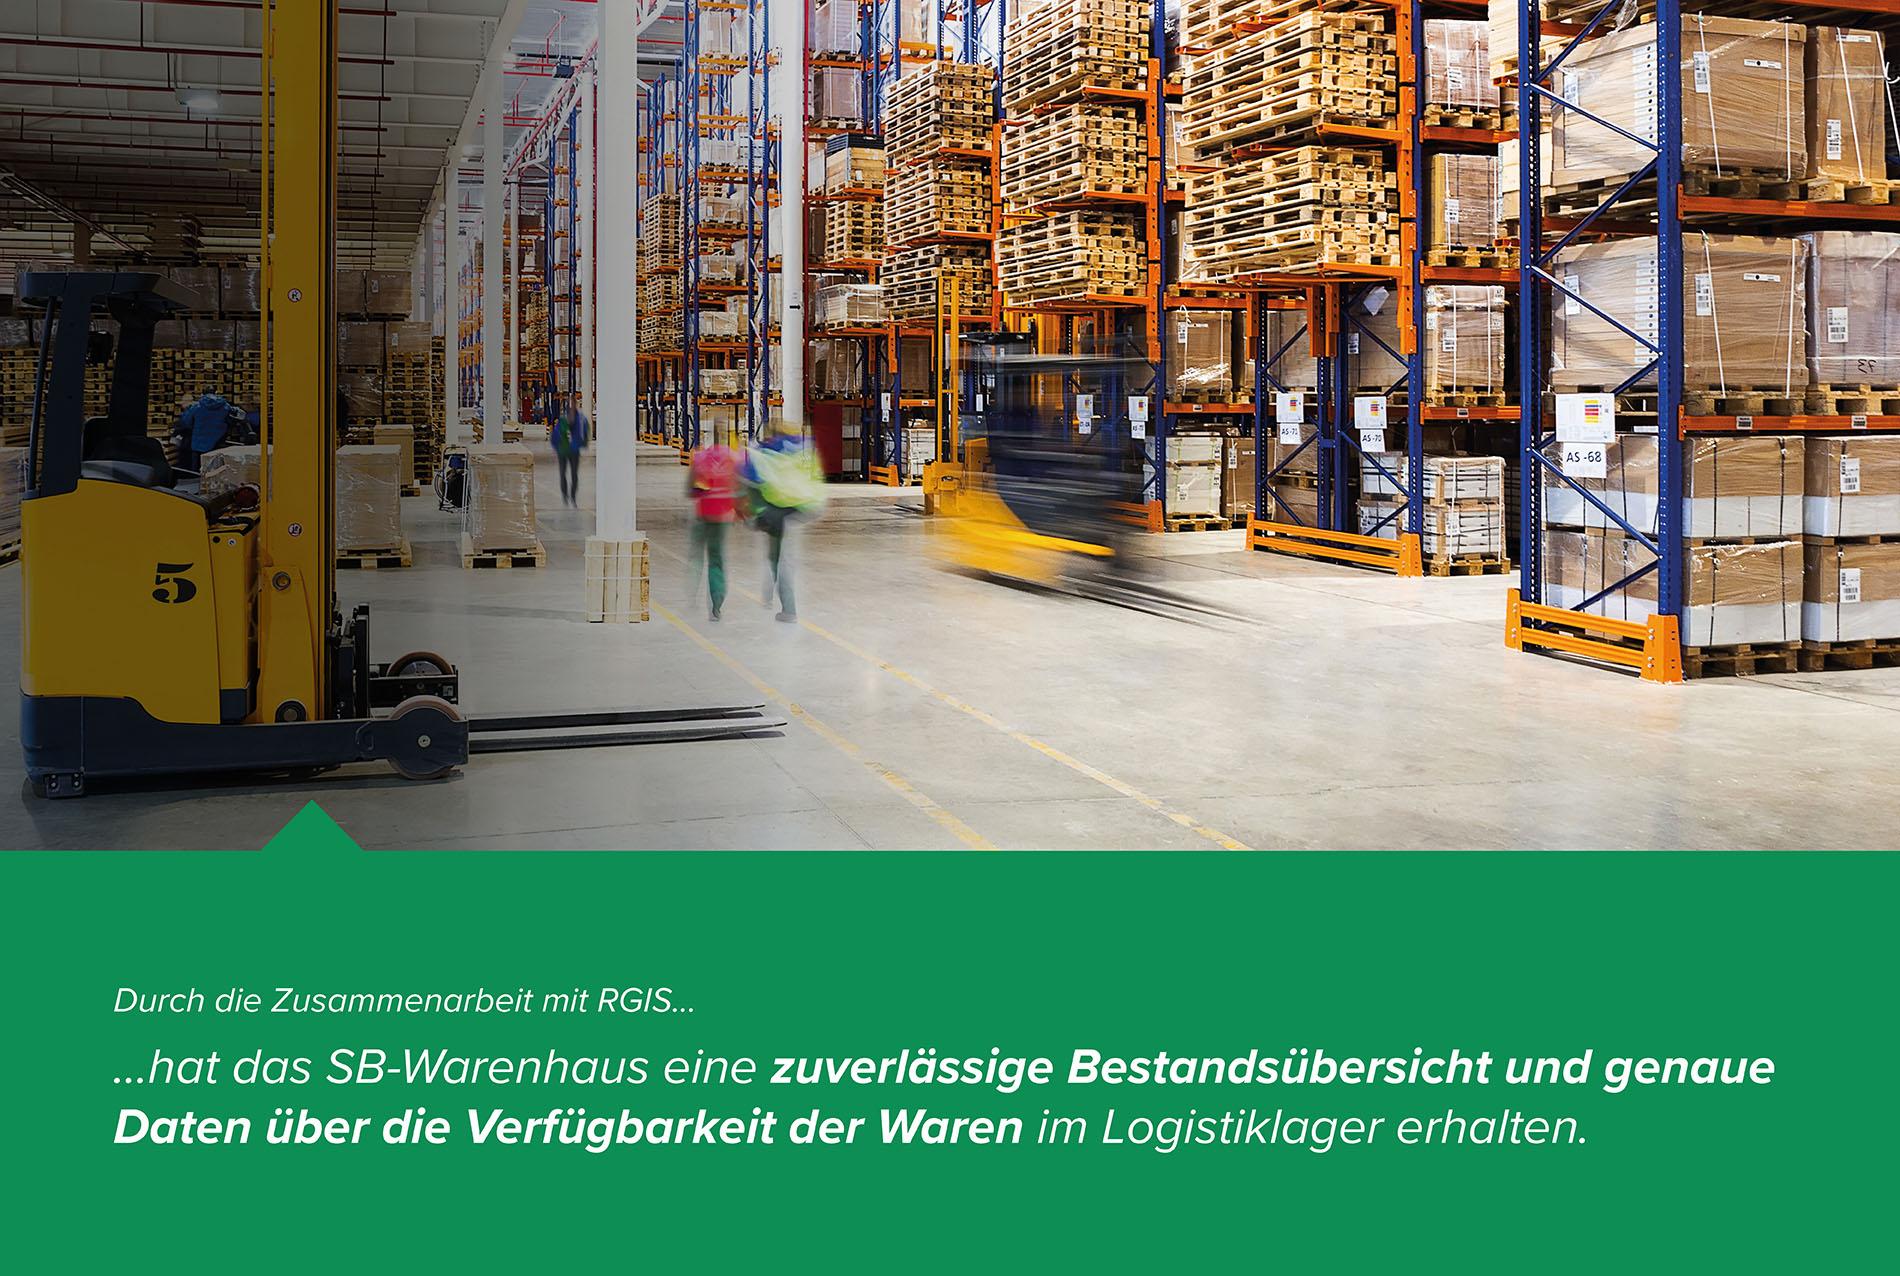 SB-Warenhaus Lagerzählung